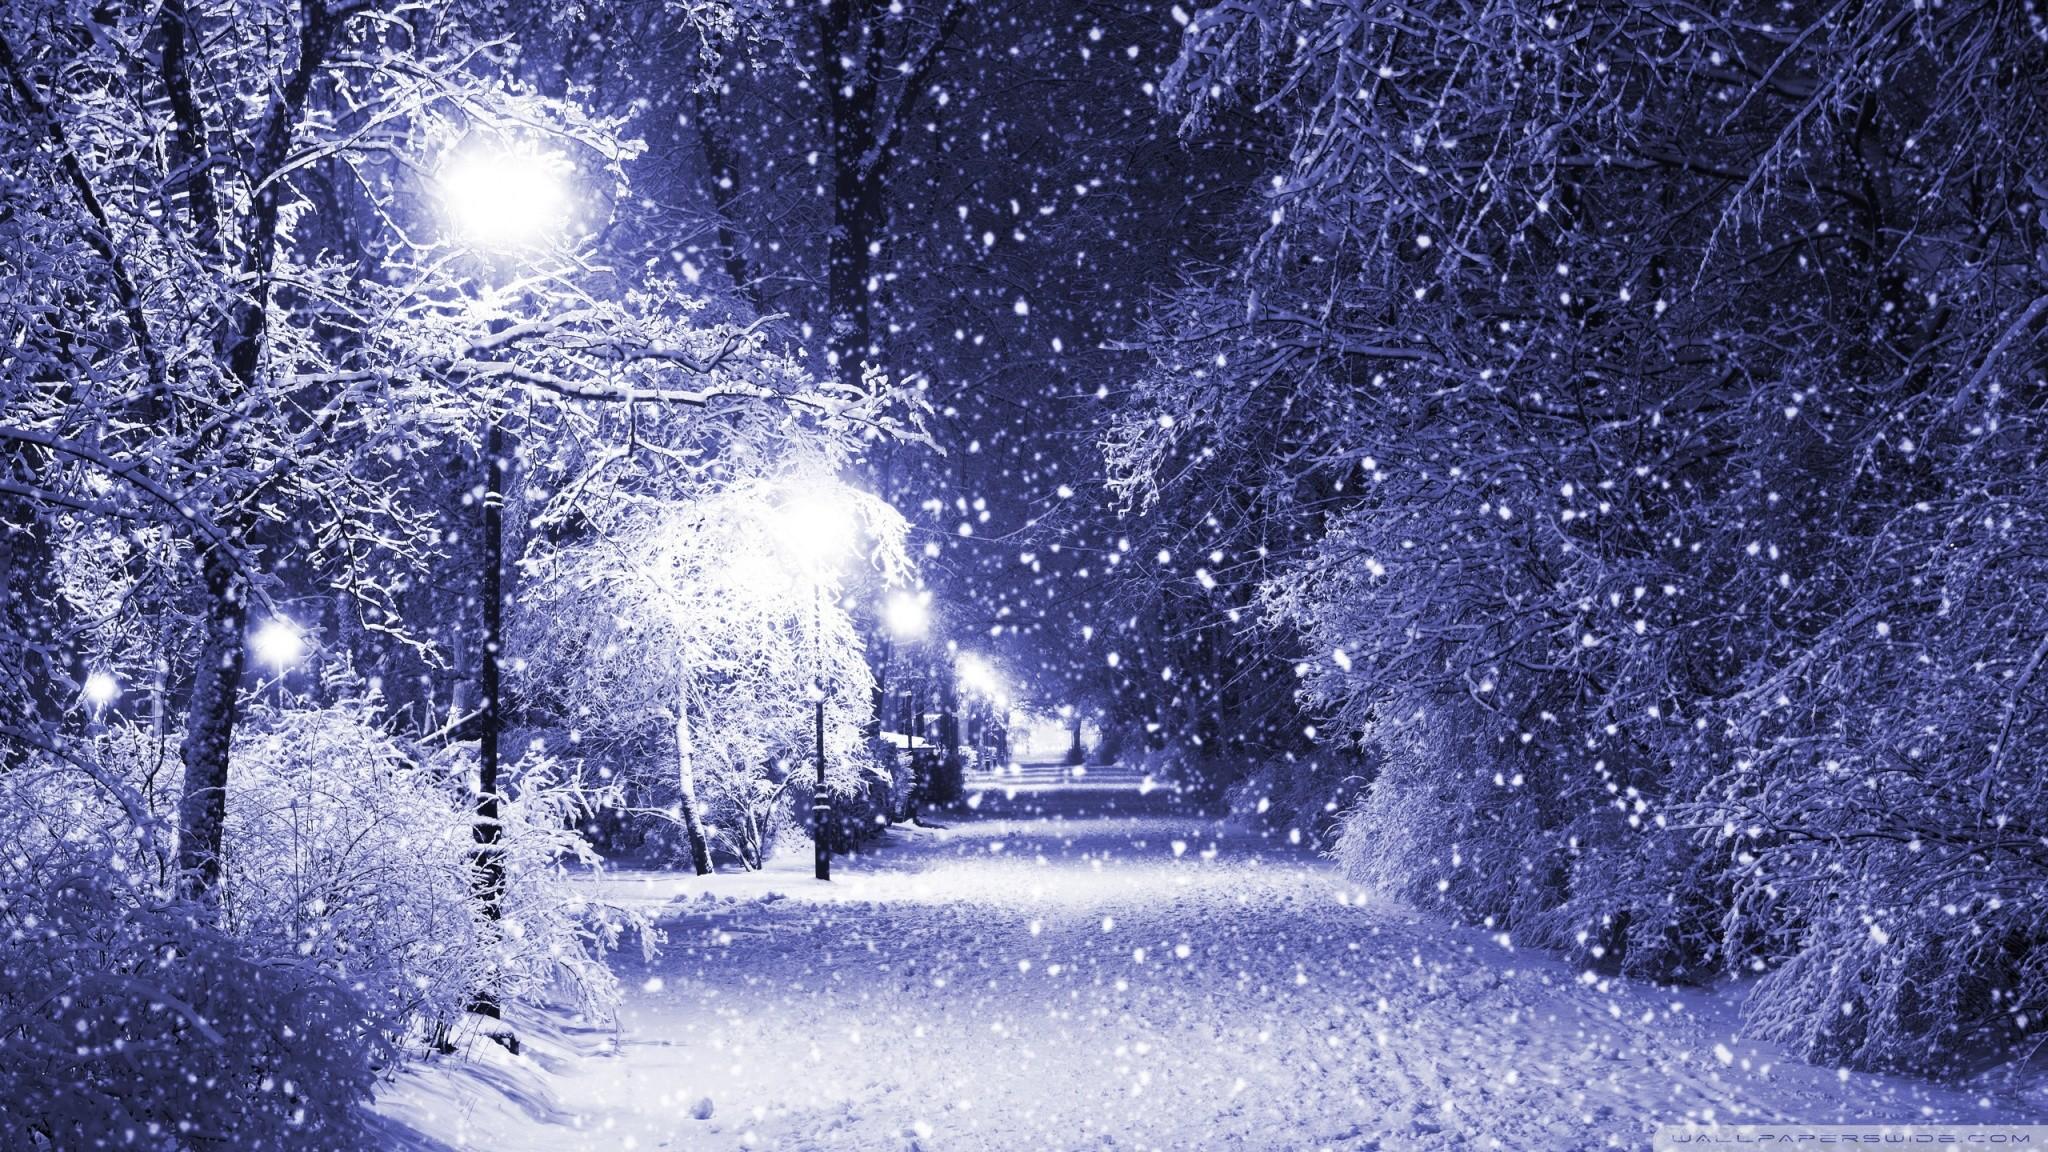 2048x1152 Best 25+ Winter wallpaper hd ideas only on Pinterest | Winter wallpapers, Winter